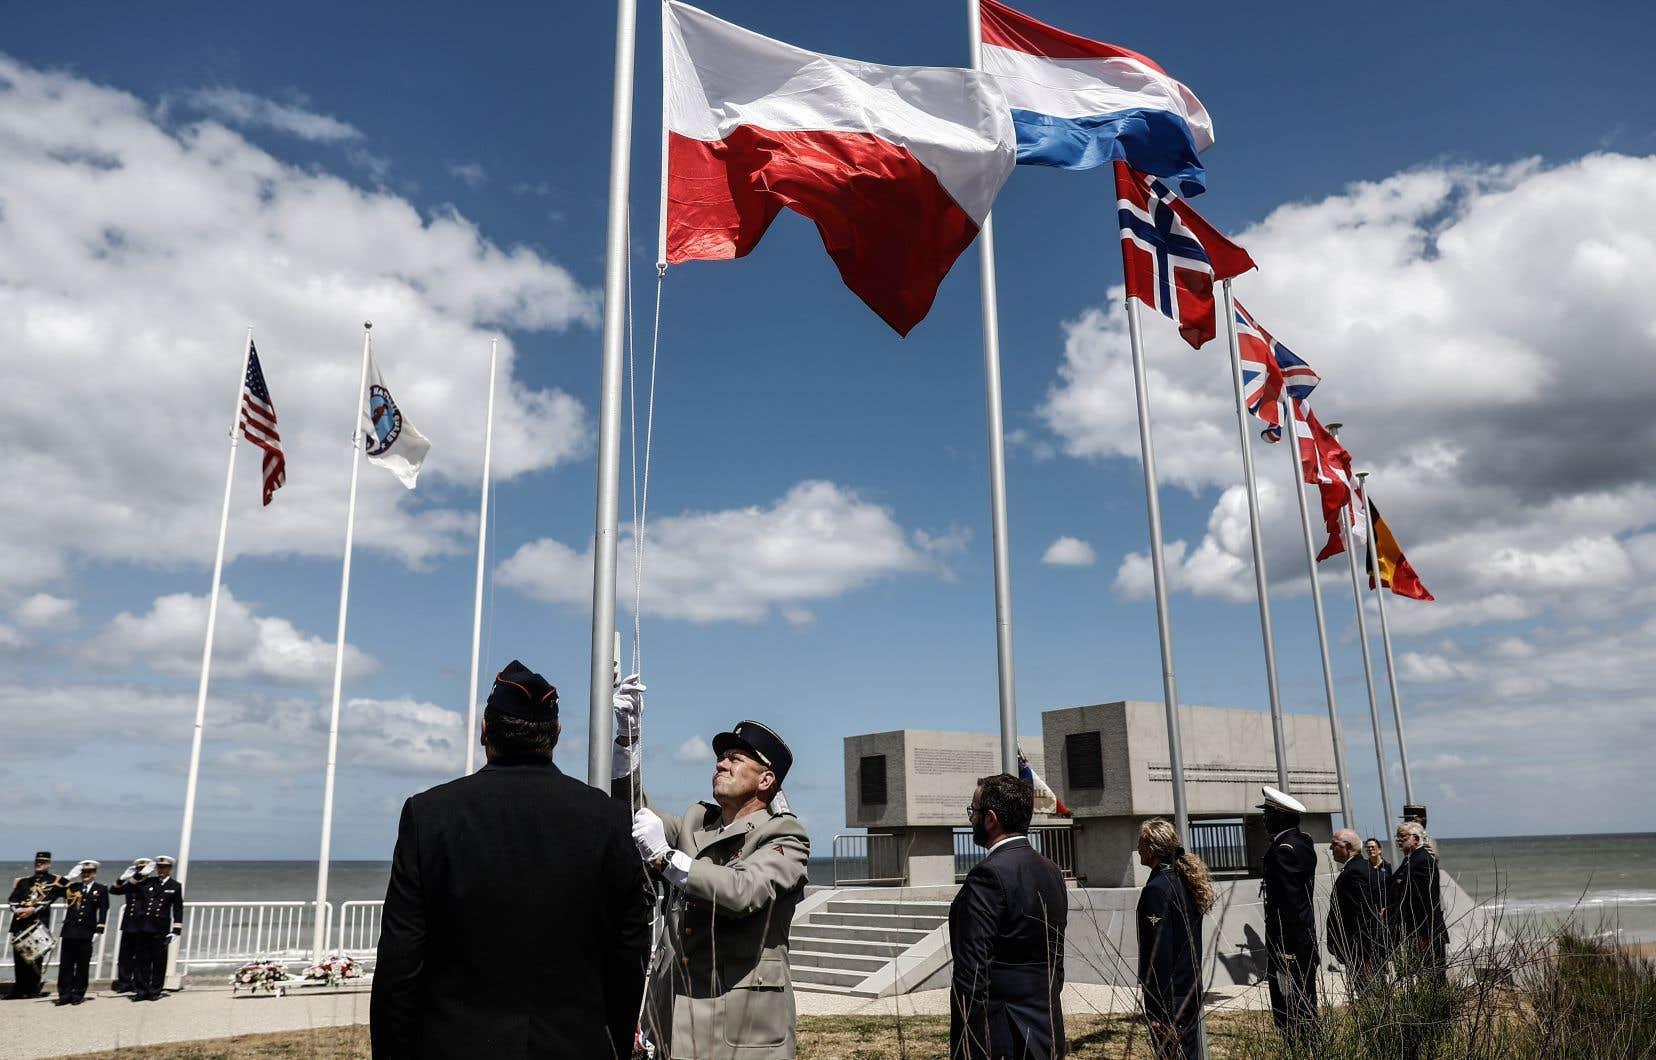 À Vierville-sur-Mer, une cérémonie inaugurée par deux survols de la Patrouille de France a rassemblé moins d'une centaine de personnes.